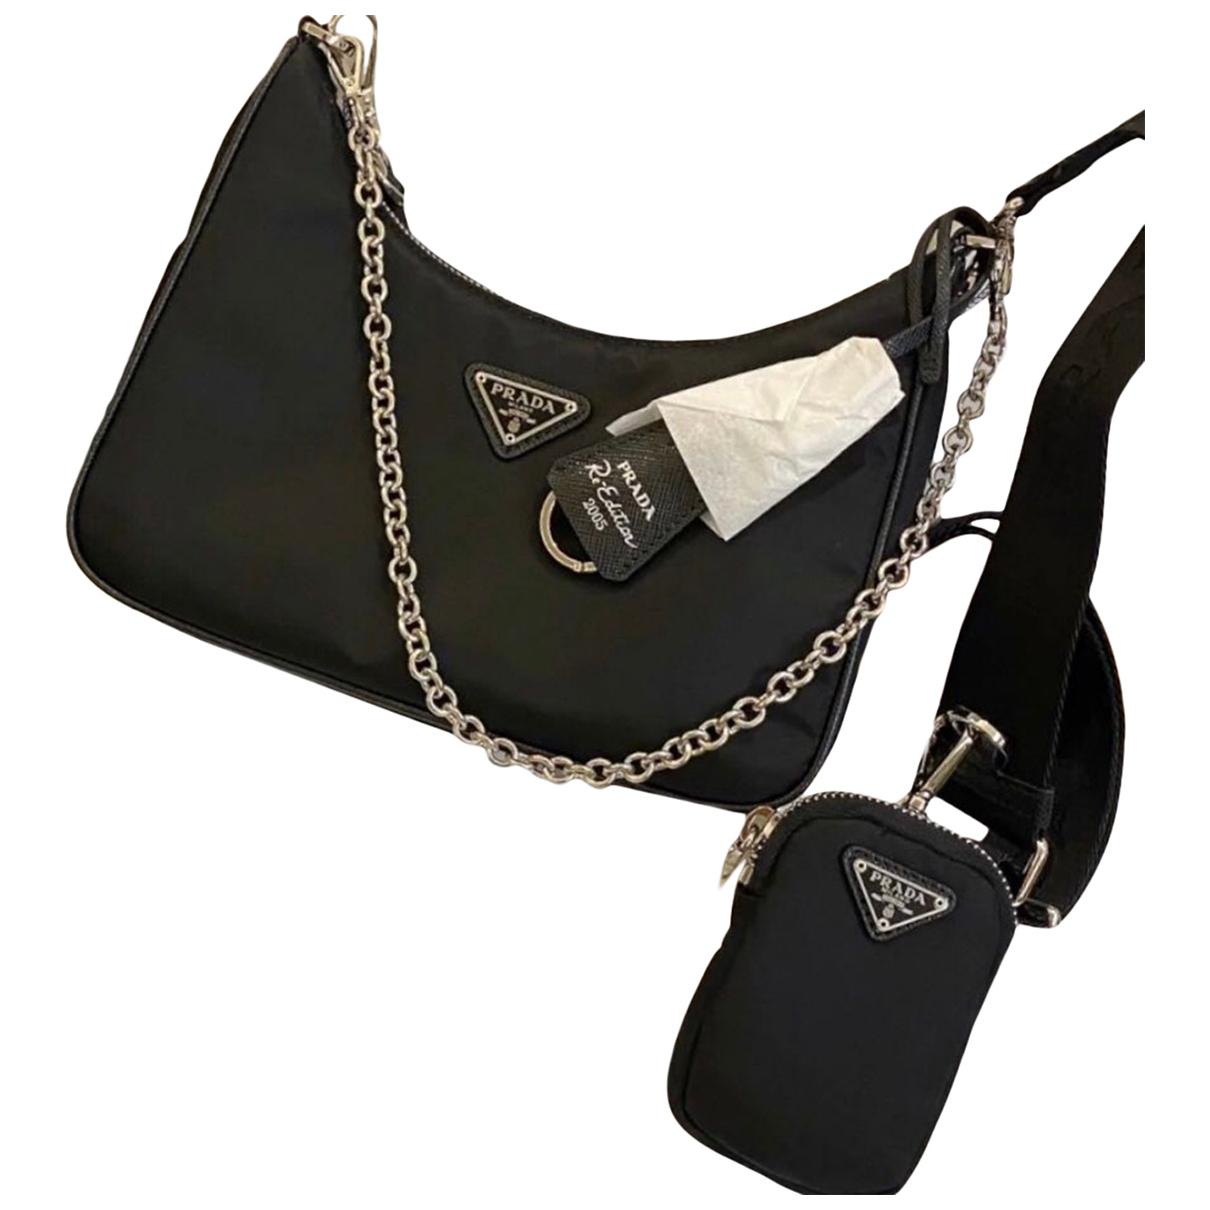 Prada Re-edition Handtasche in  Schwarz Leinen